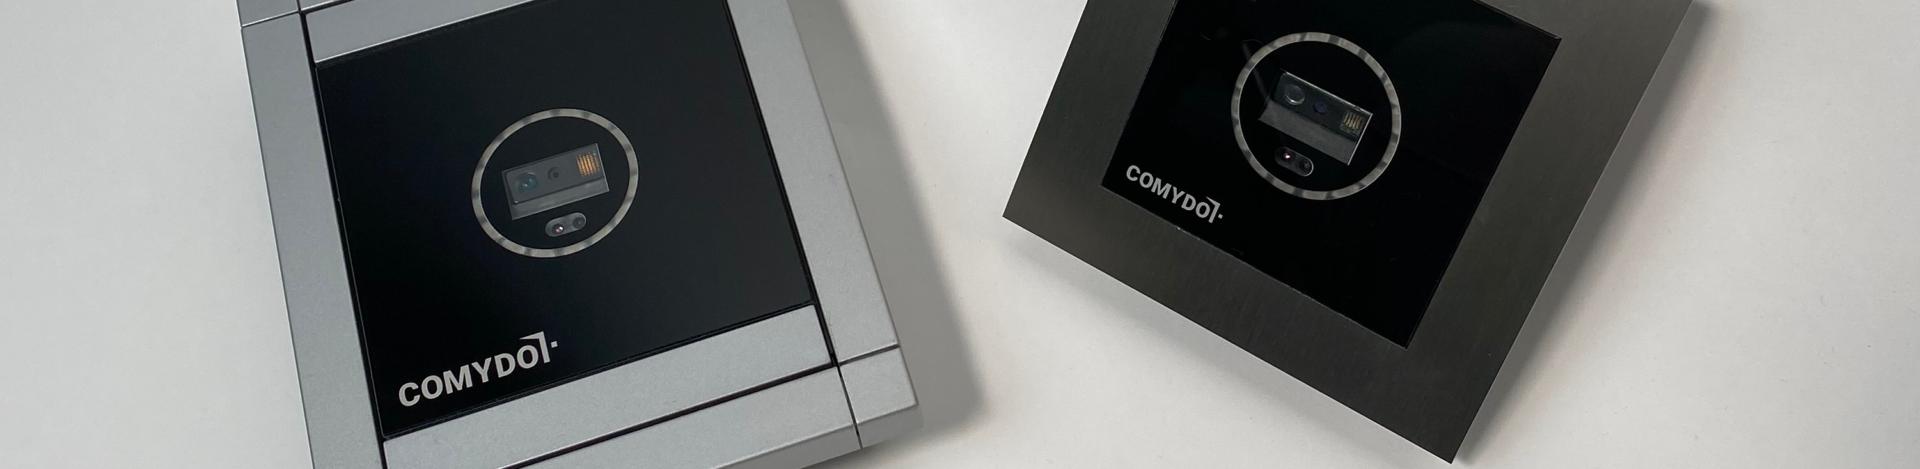 Zwei Comydo Scanner auf einem weißen Tisch